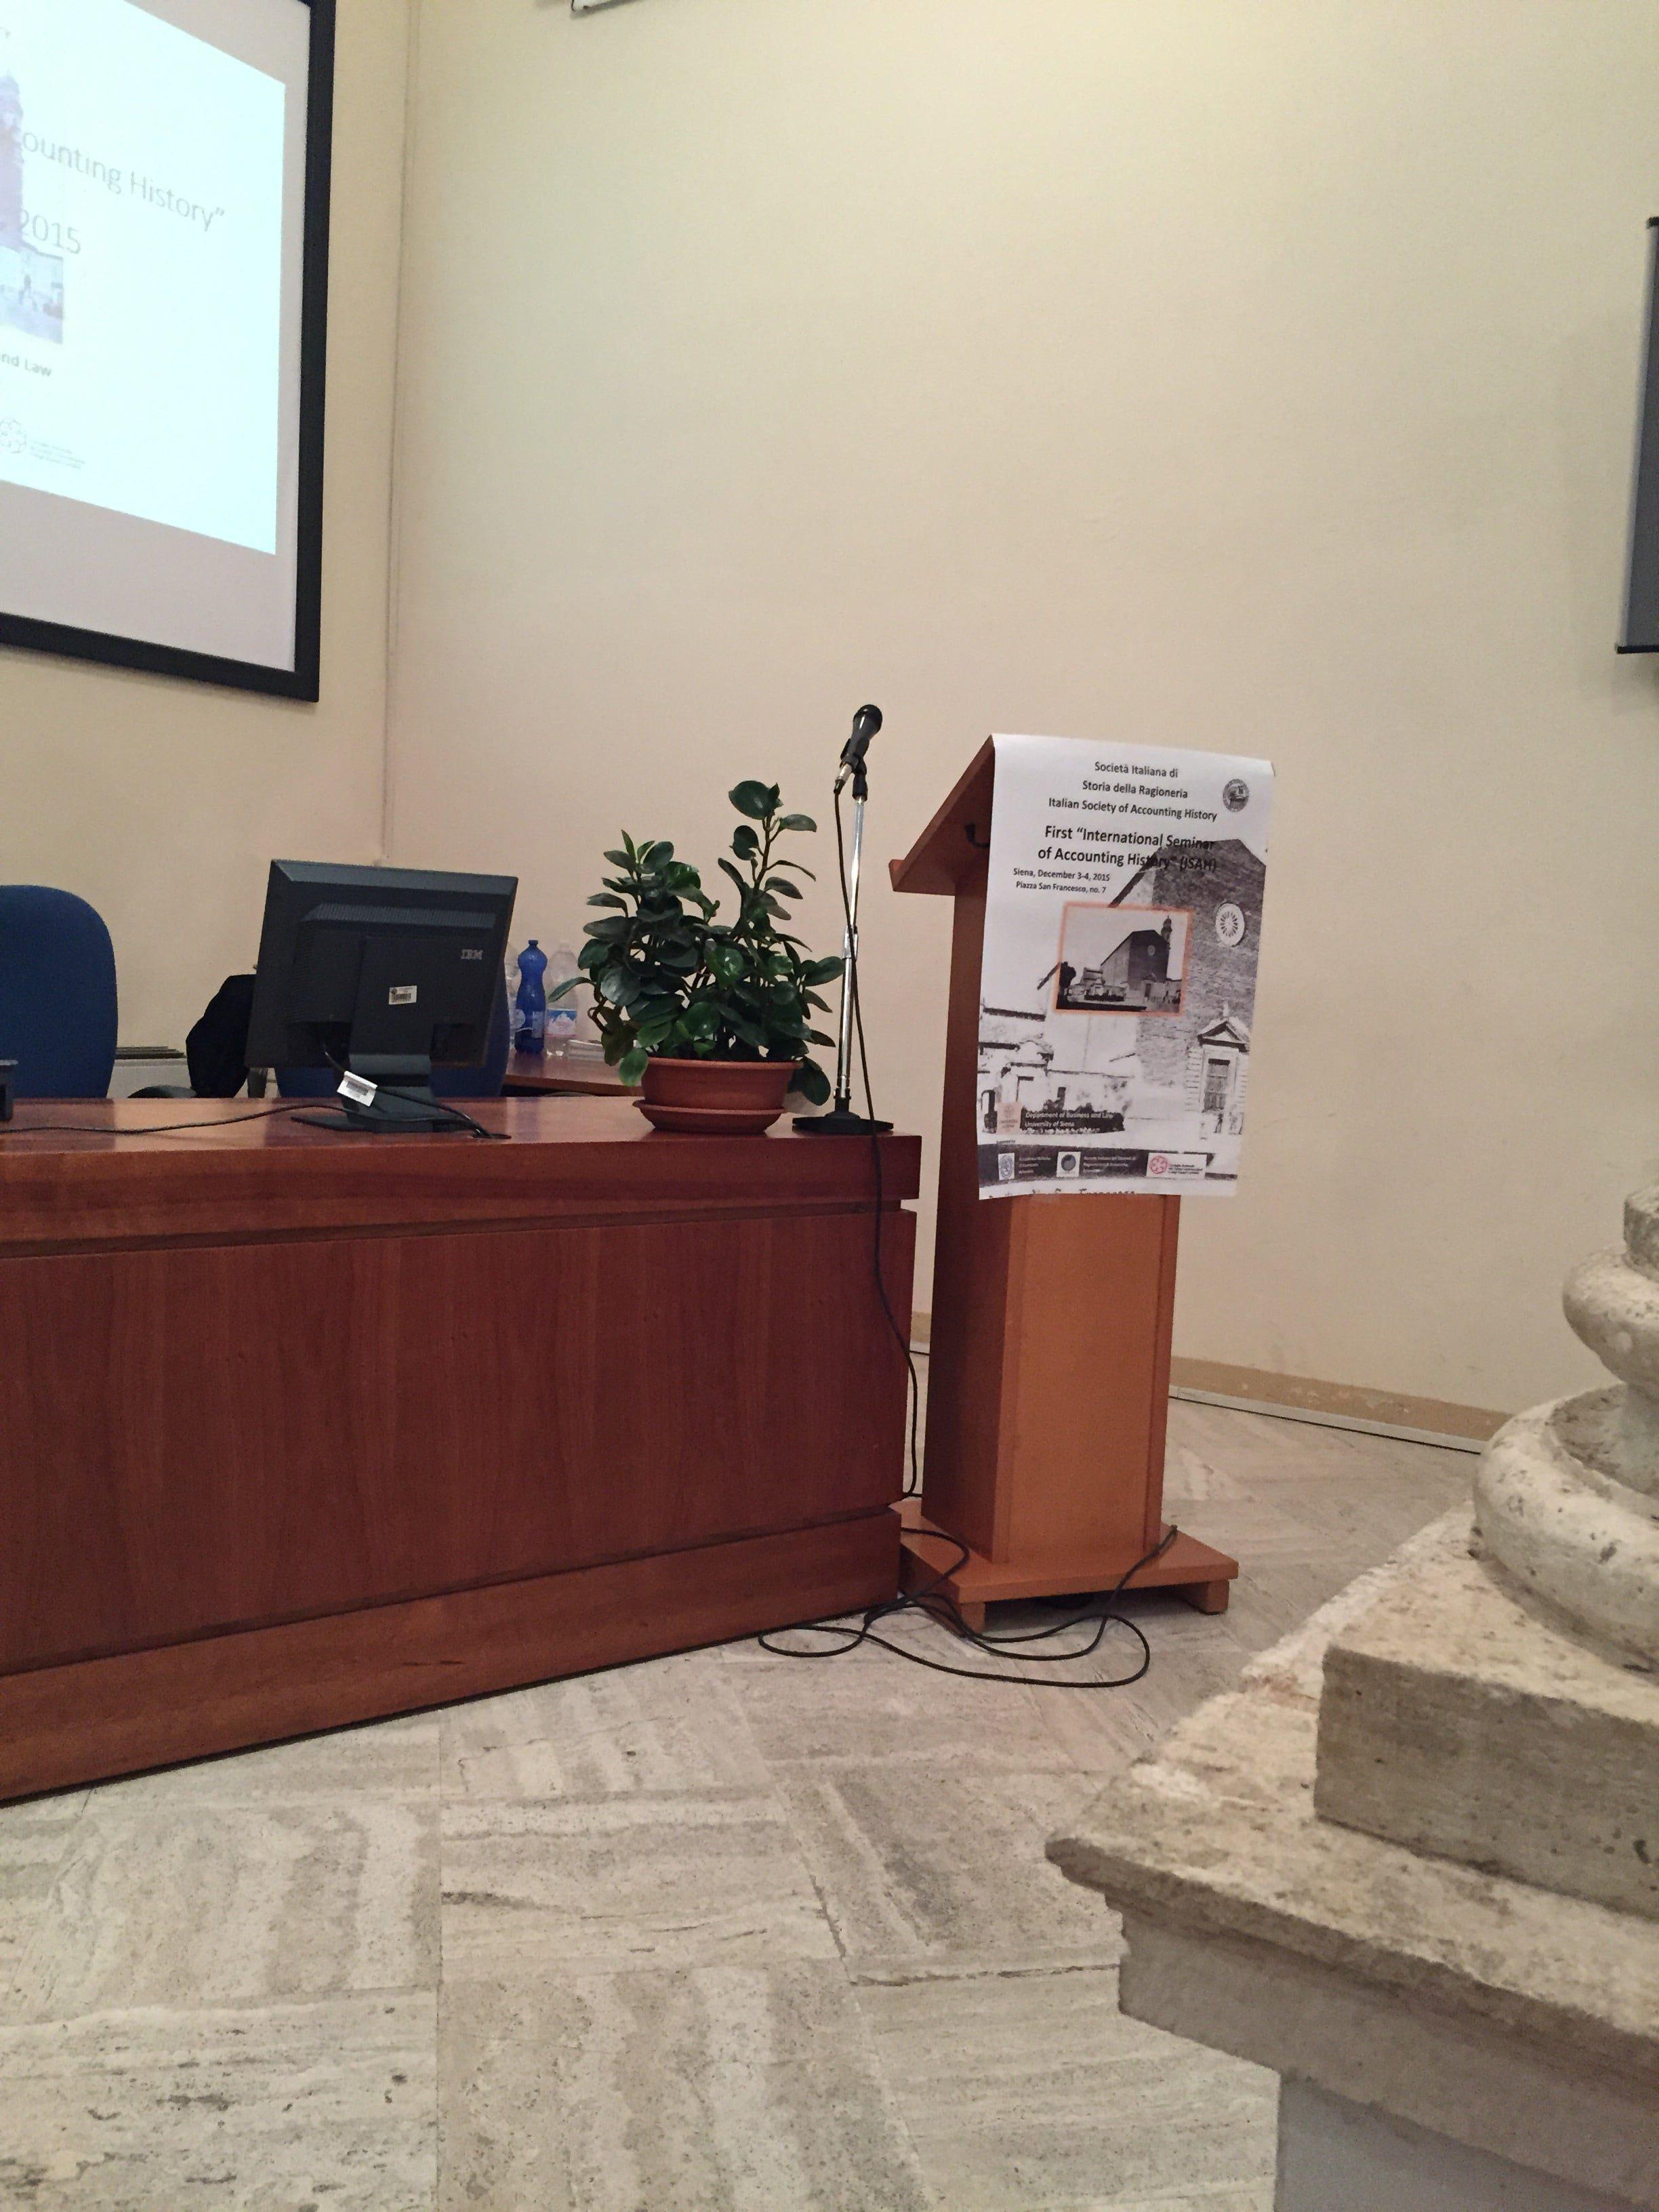 Massimo Sargiacomo - International Seminar On Accounting History - Siena December 2015